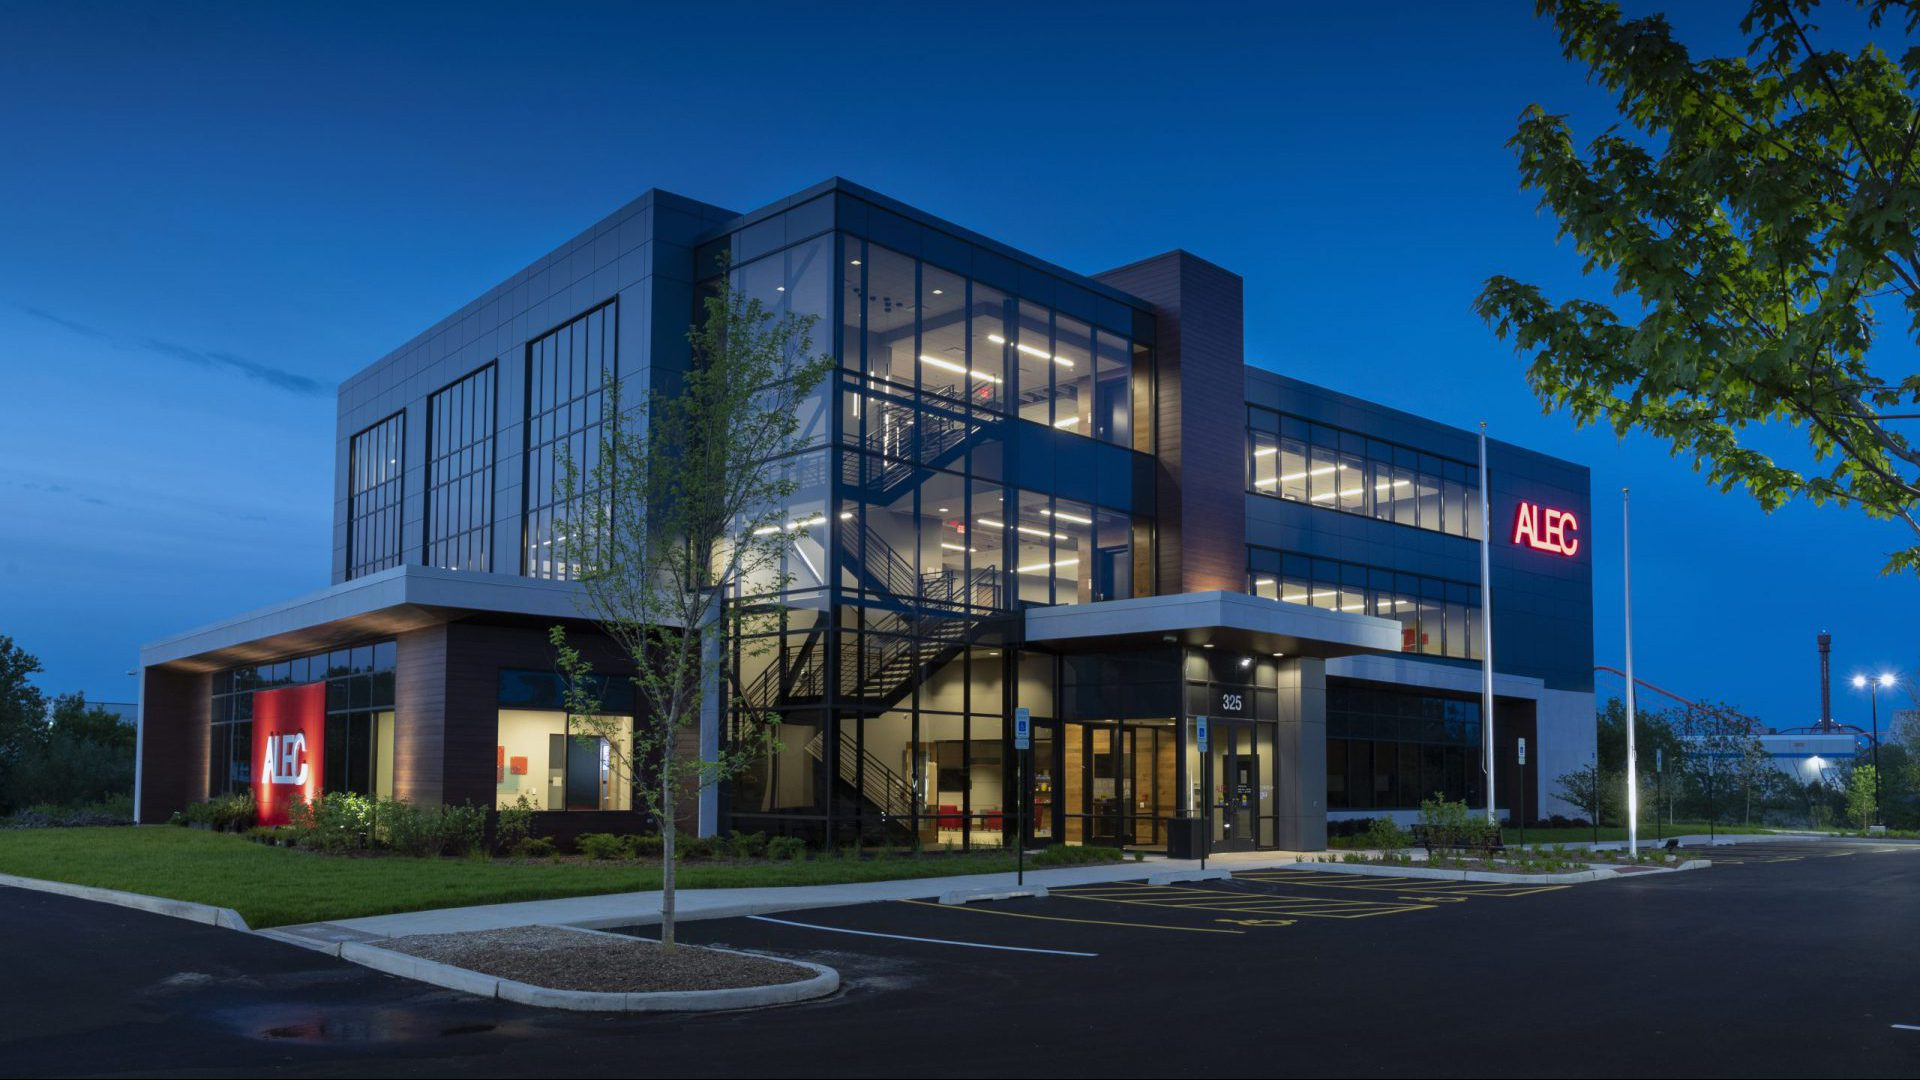 ALEC Headquarters Exterior at night